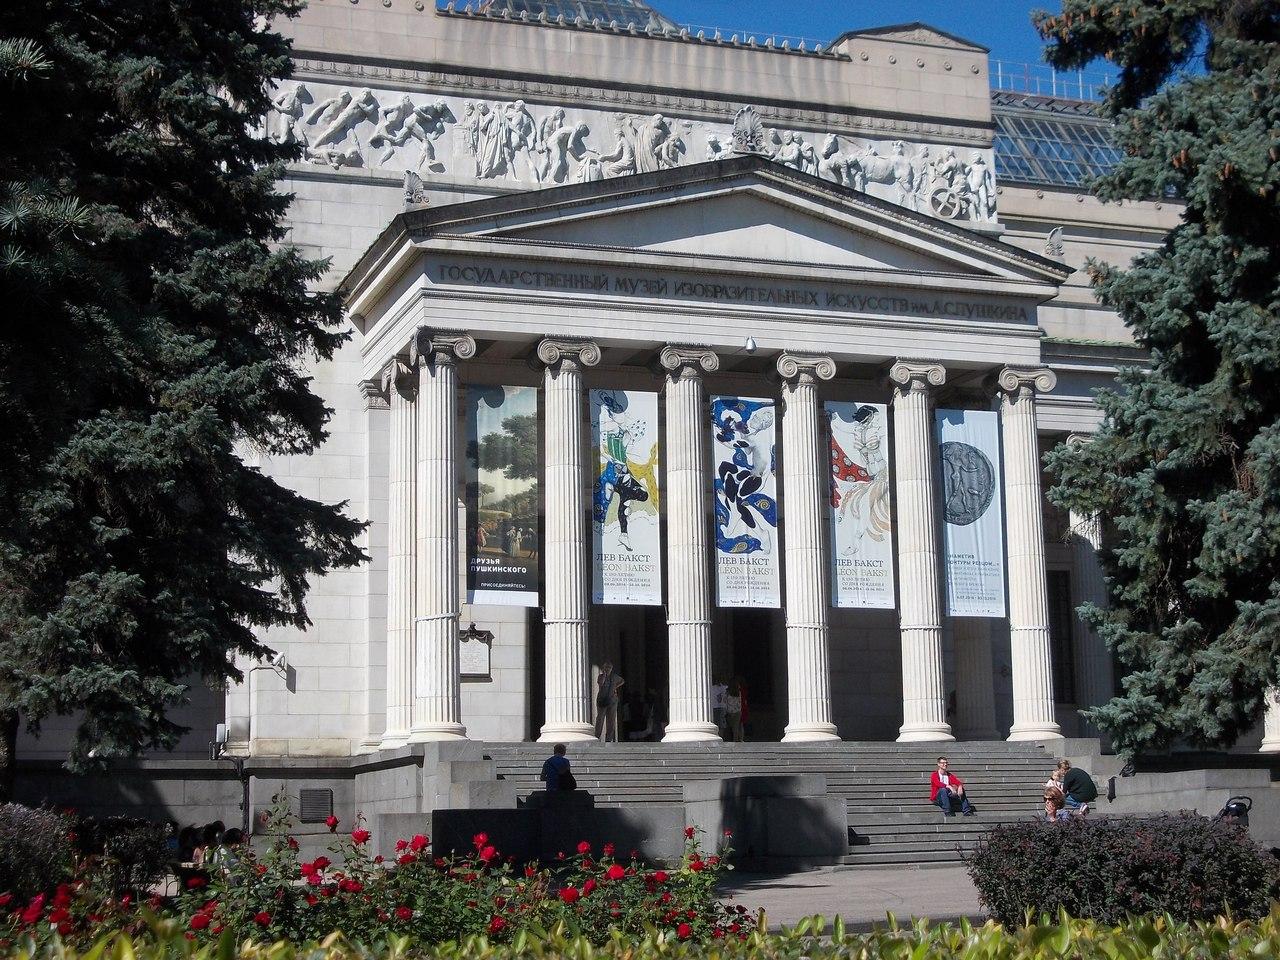 «Государственный музей изобразительных искусств имени А.С. Пушкина» фото 1